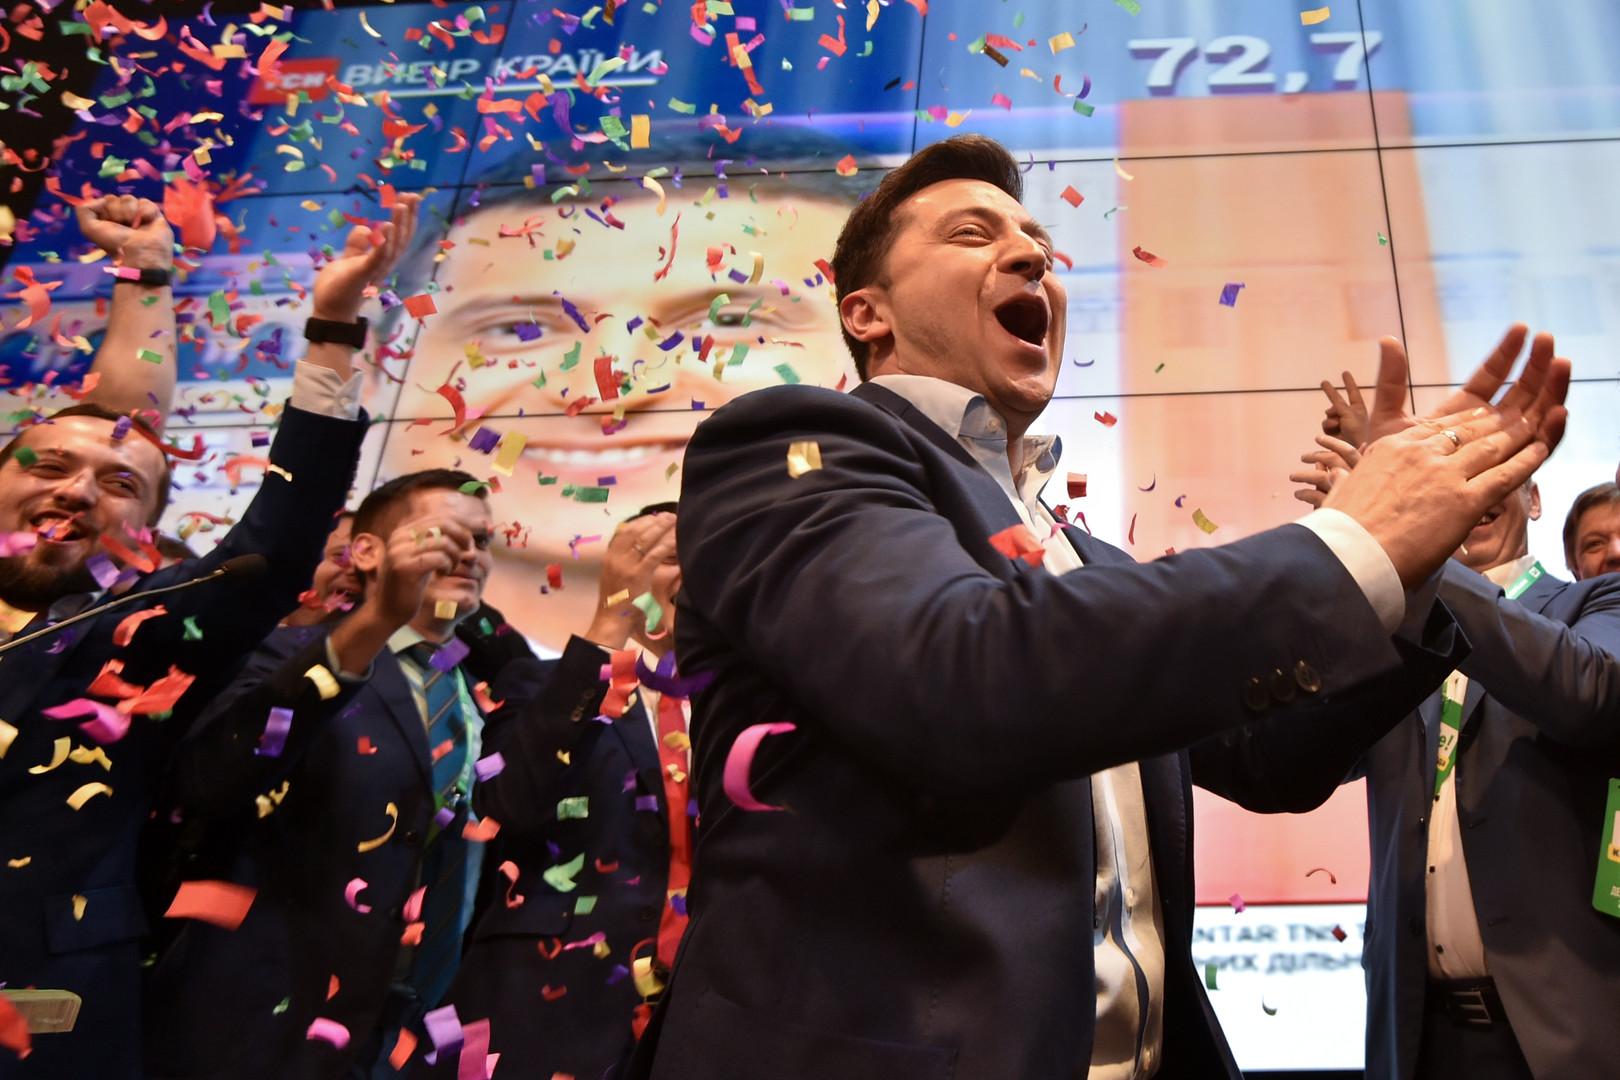 الرئيس الجديد المنتخب في أوكرانيا فلاديمير زيلينسكي